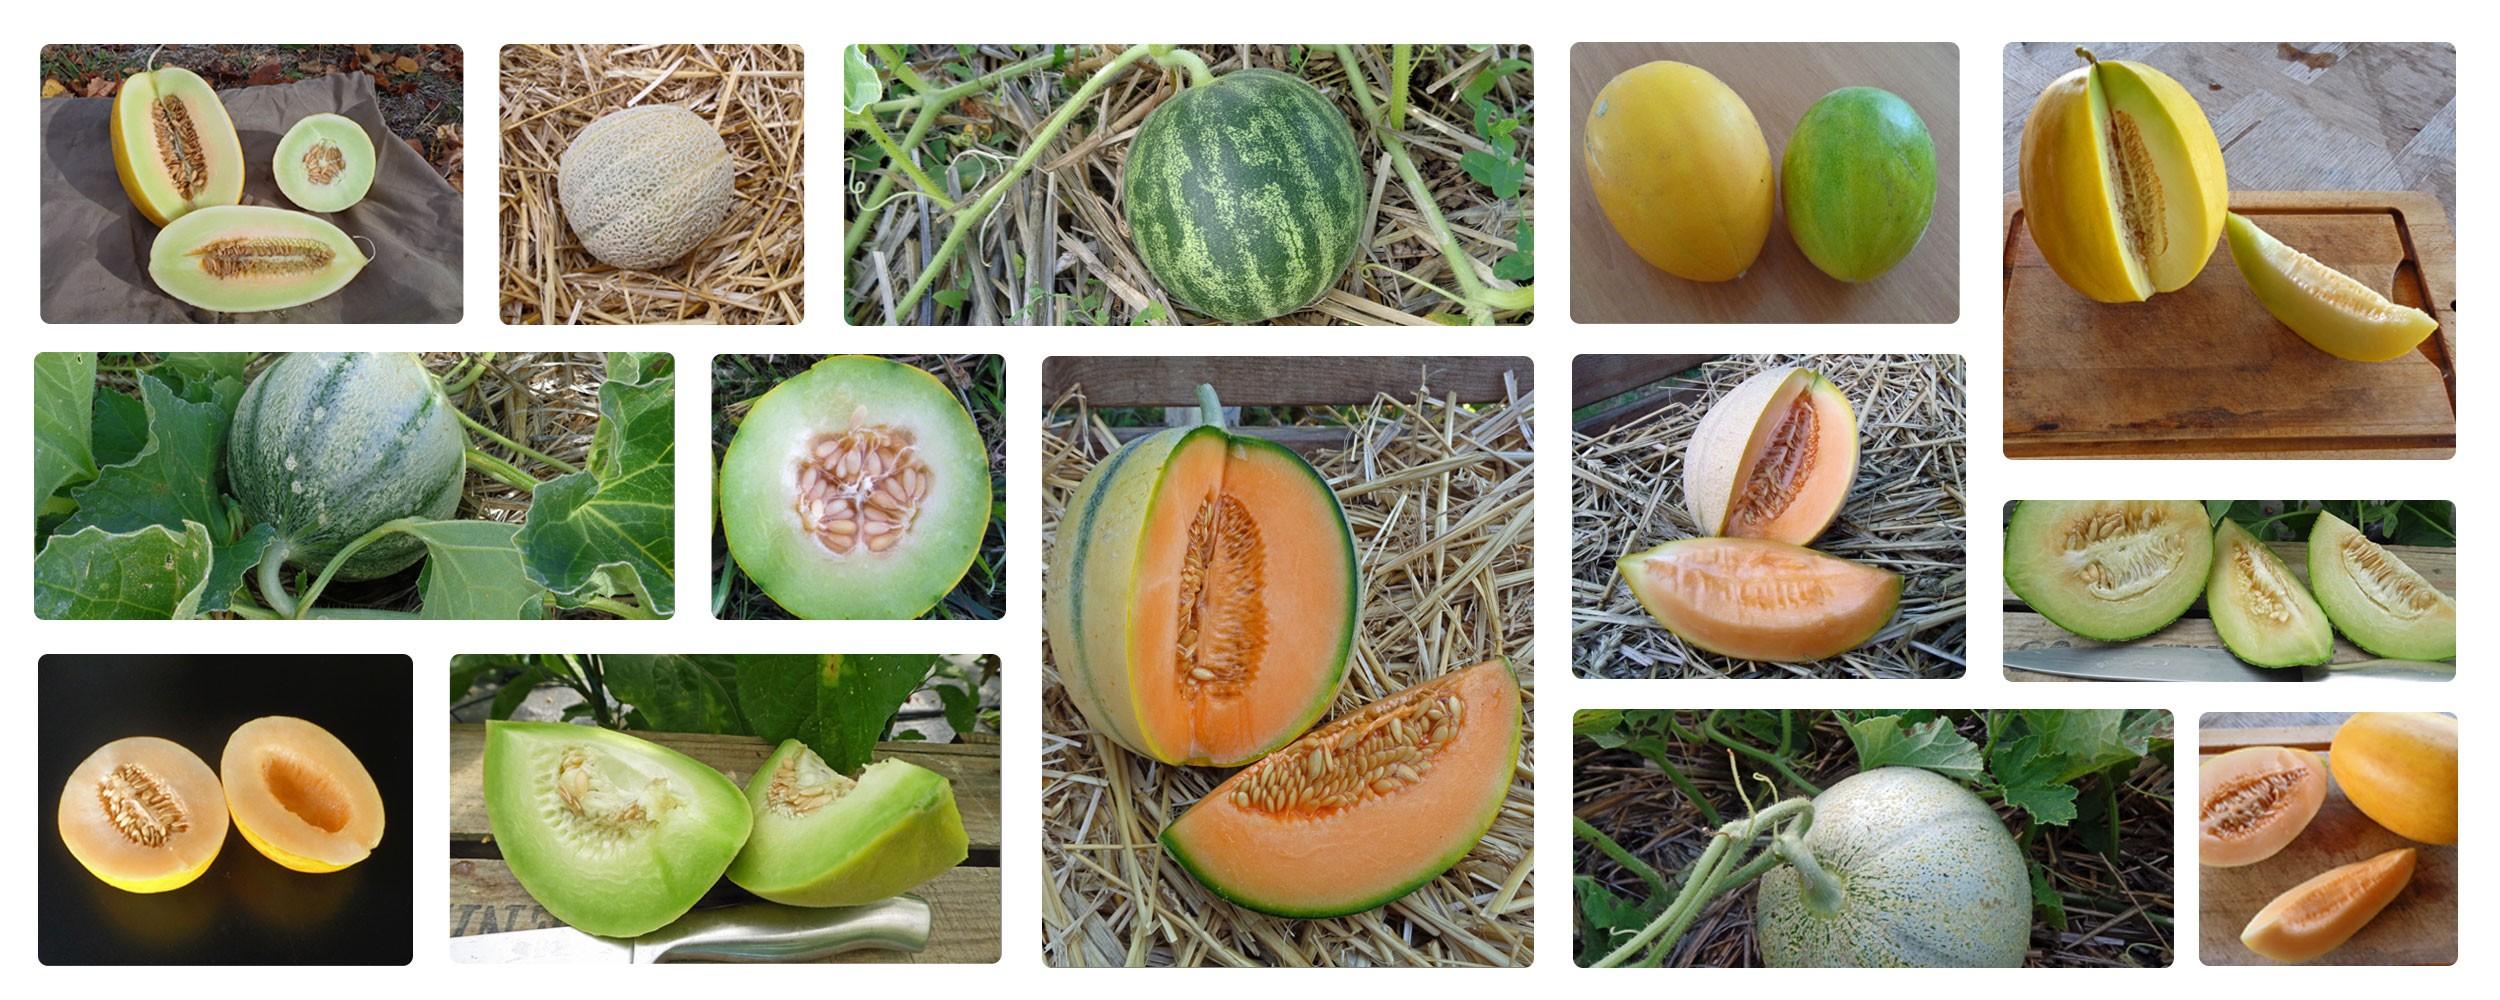 Des nouveautés à essayer sur la gamme Melons/Pastèques